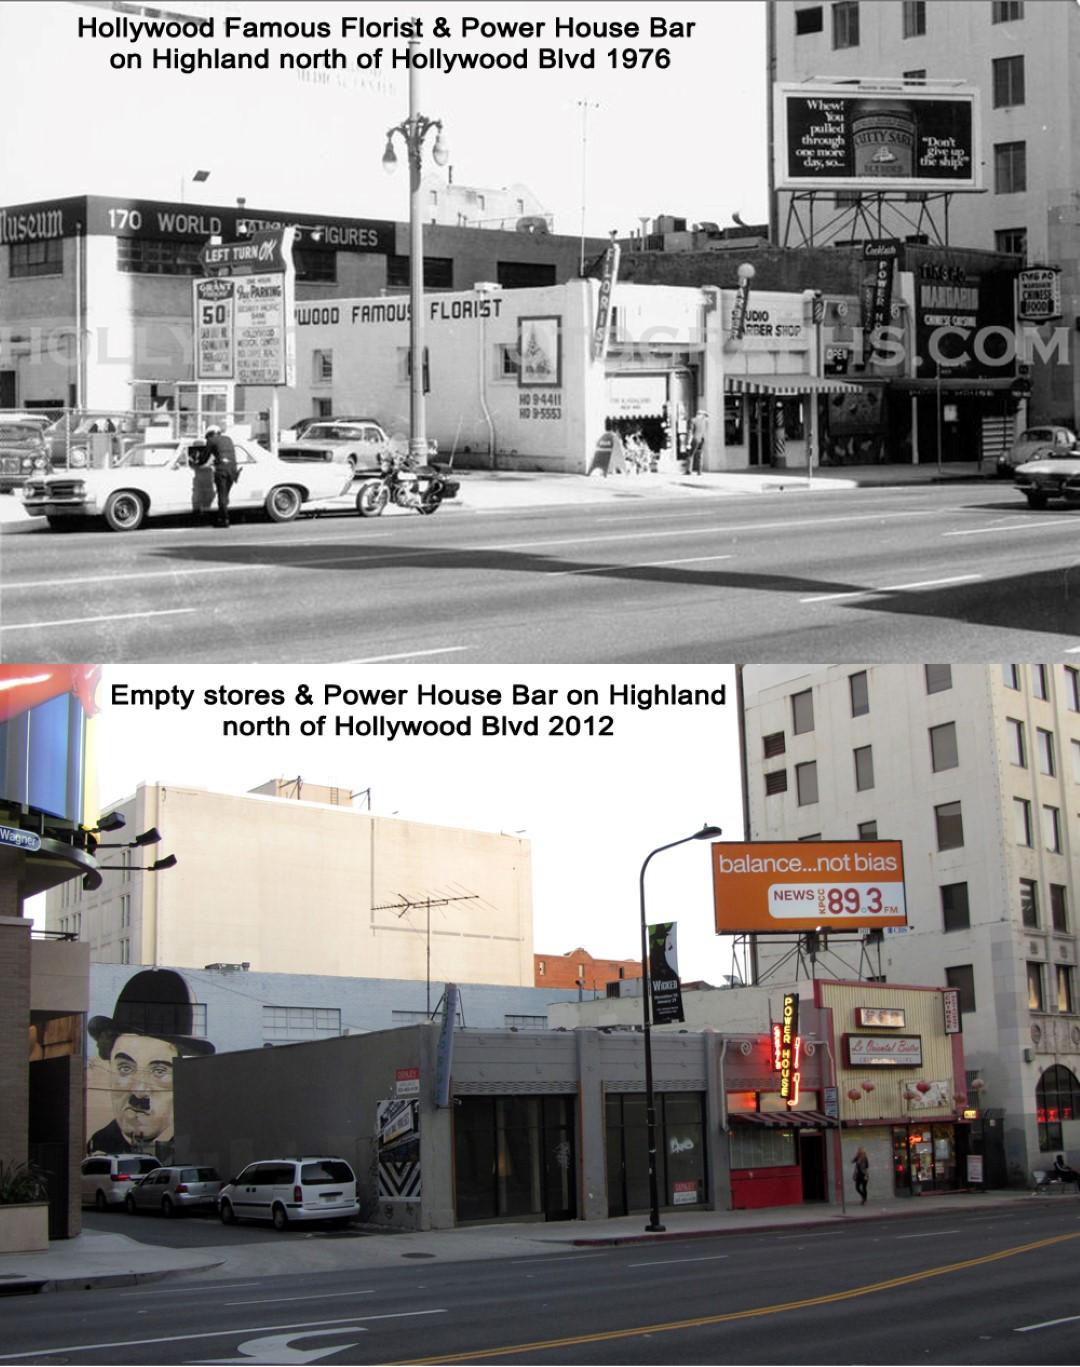 Power House Bar on Highland 1976 & 2012